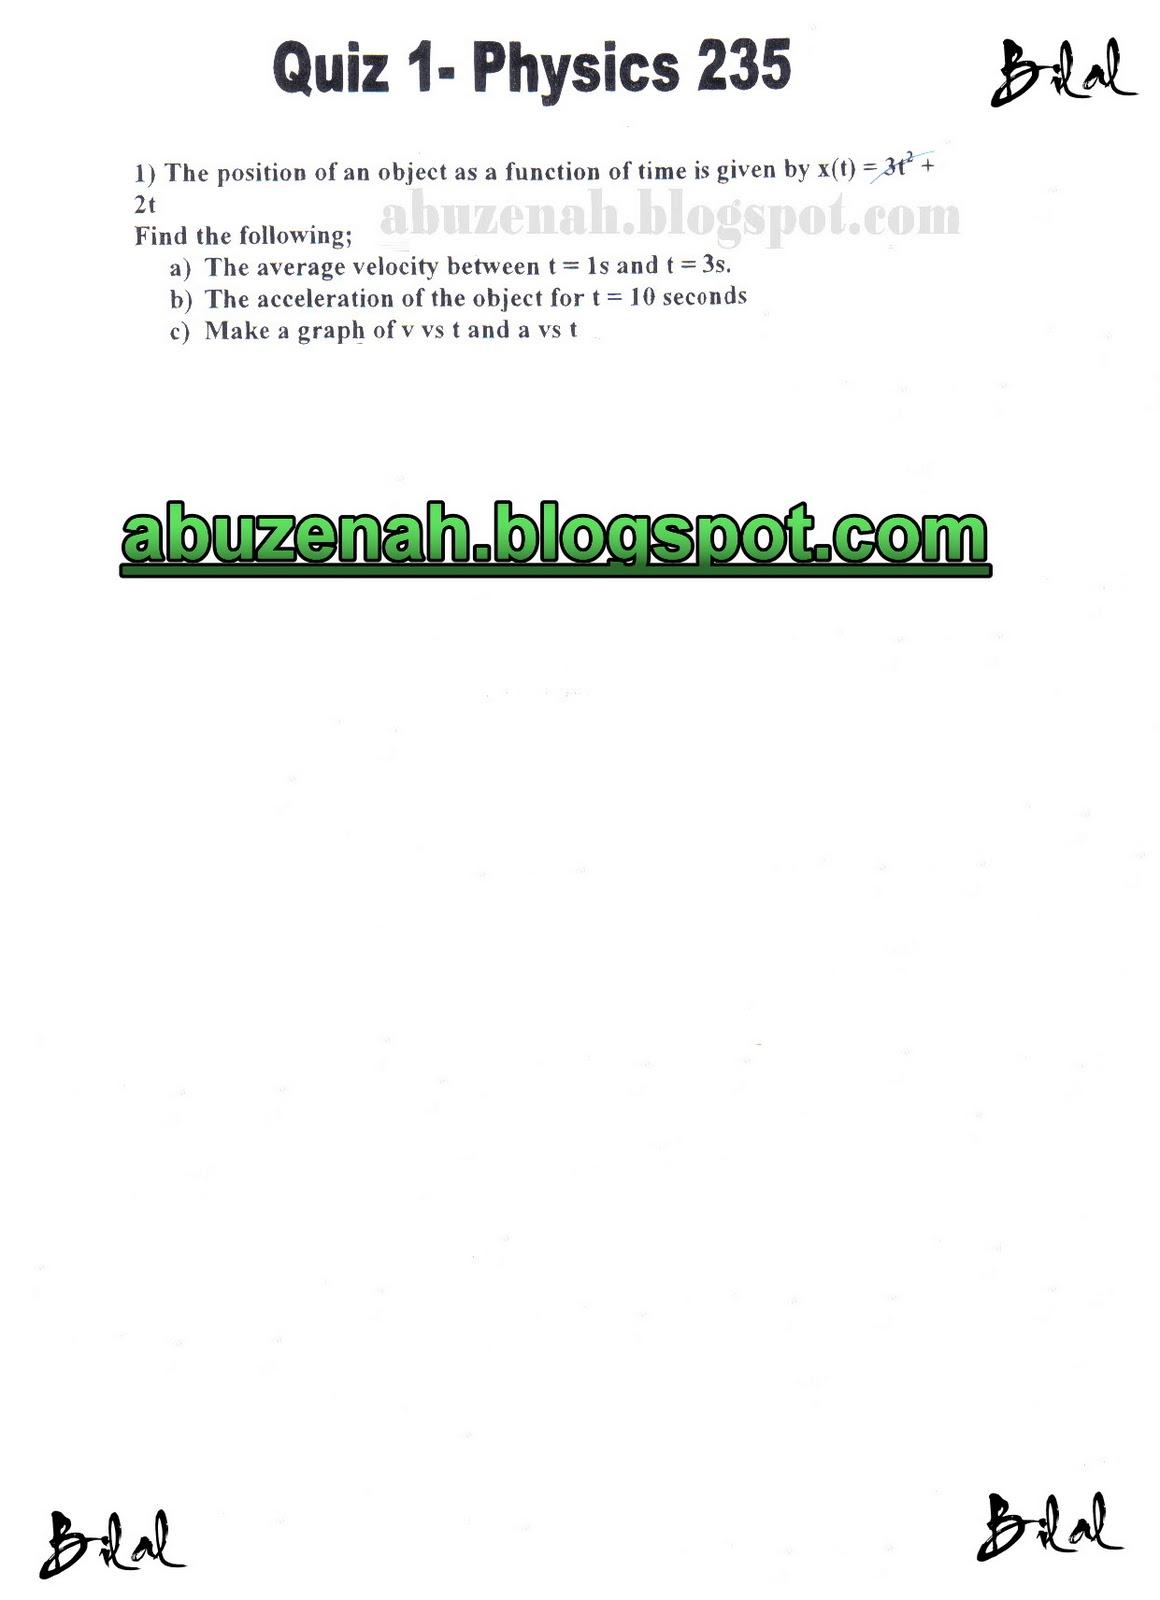 Tech 89 Physics 235 Quizzes